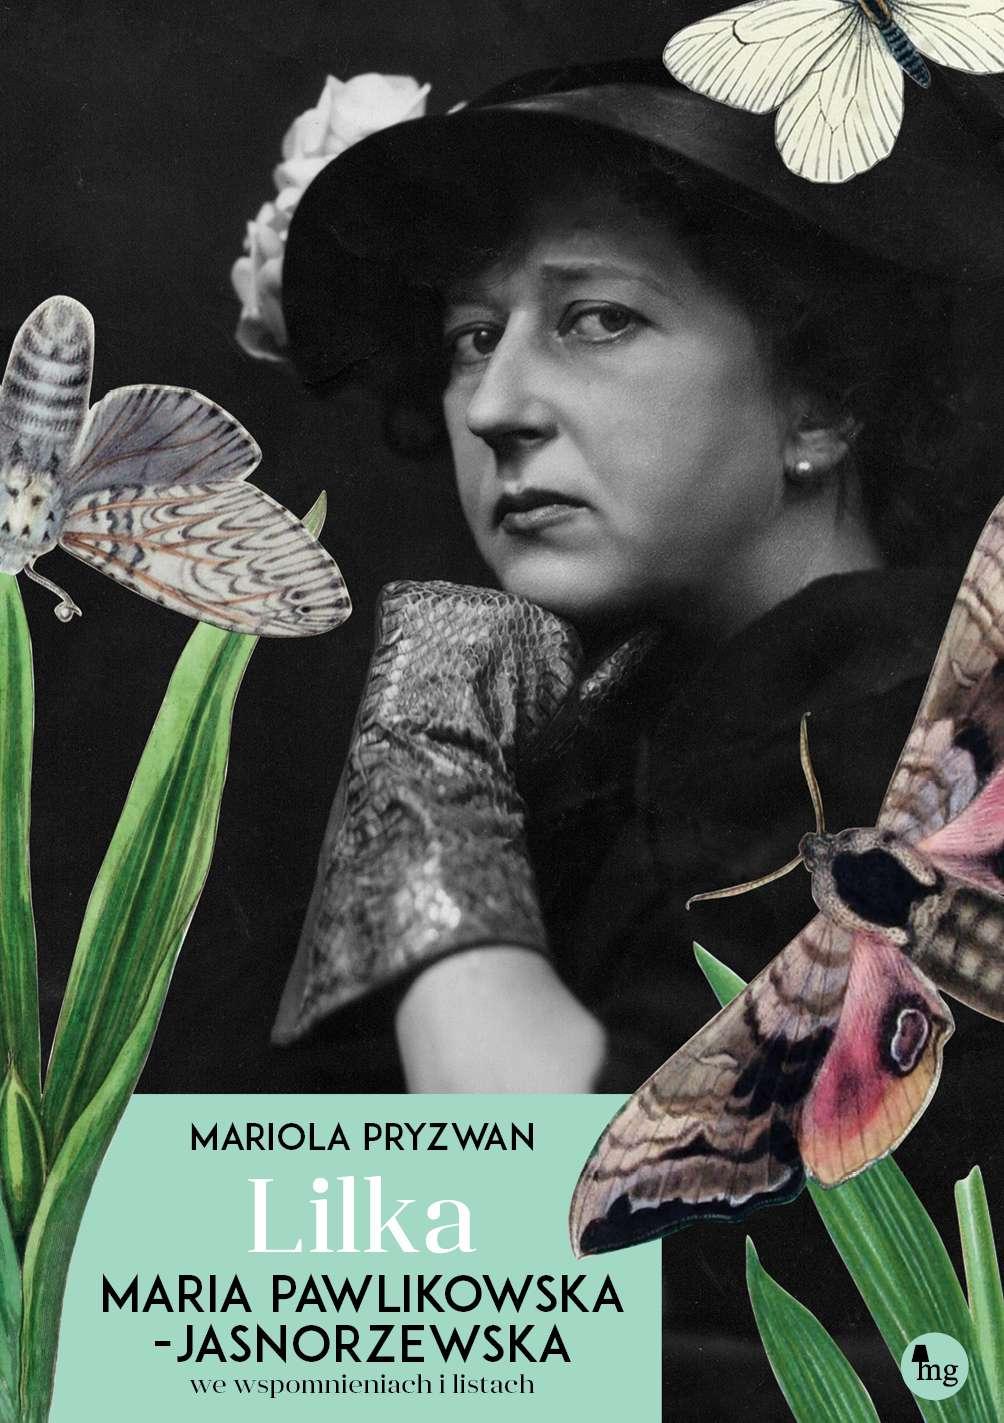 Lilka. Maria Pawlikowska-Jasnorzewska we wspomnieniach i listach - Ebook (Książka EPUB) do pobrania w formacie EPUB